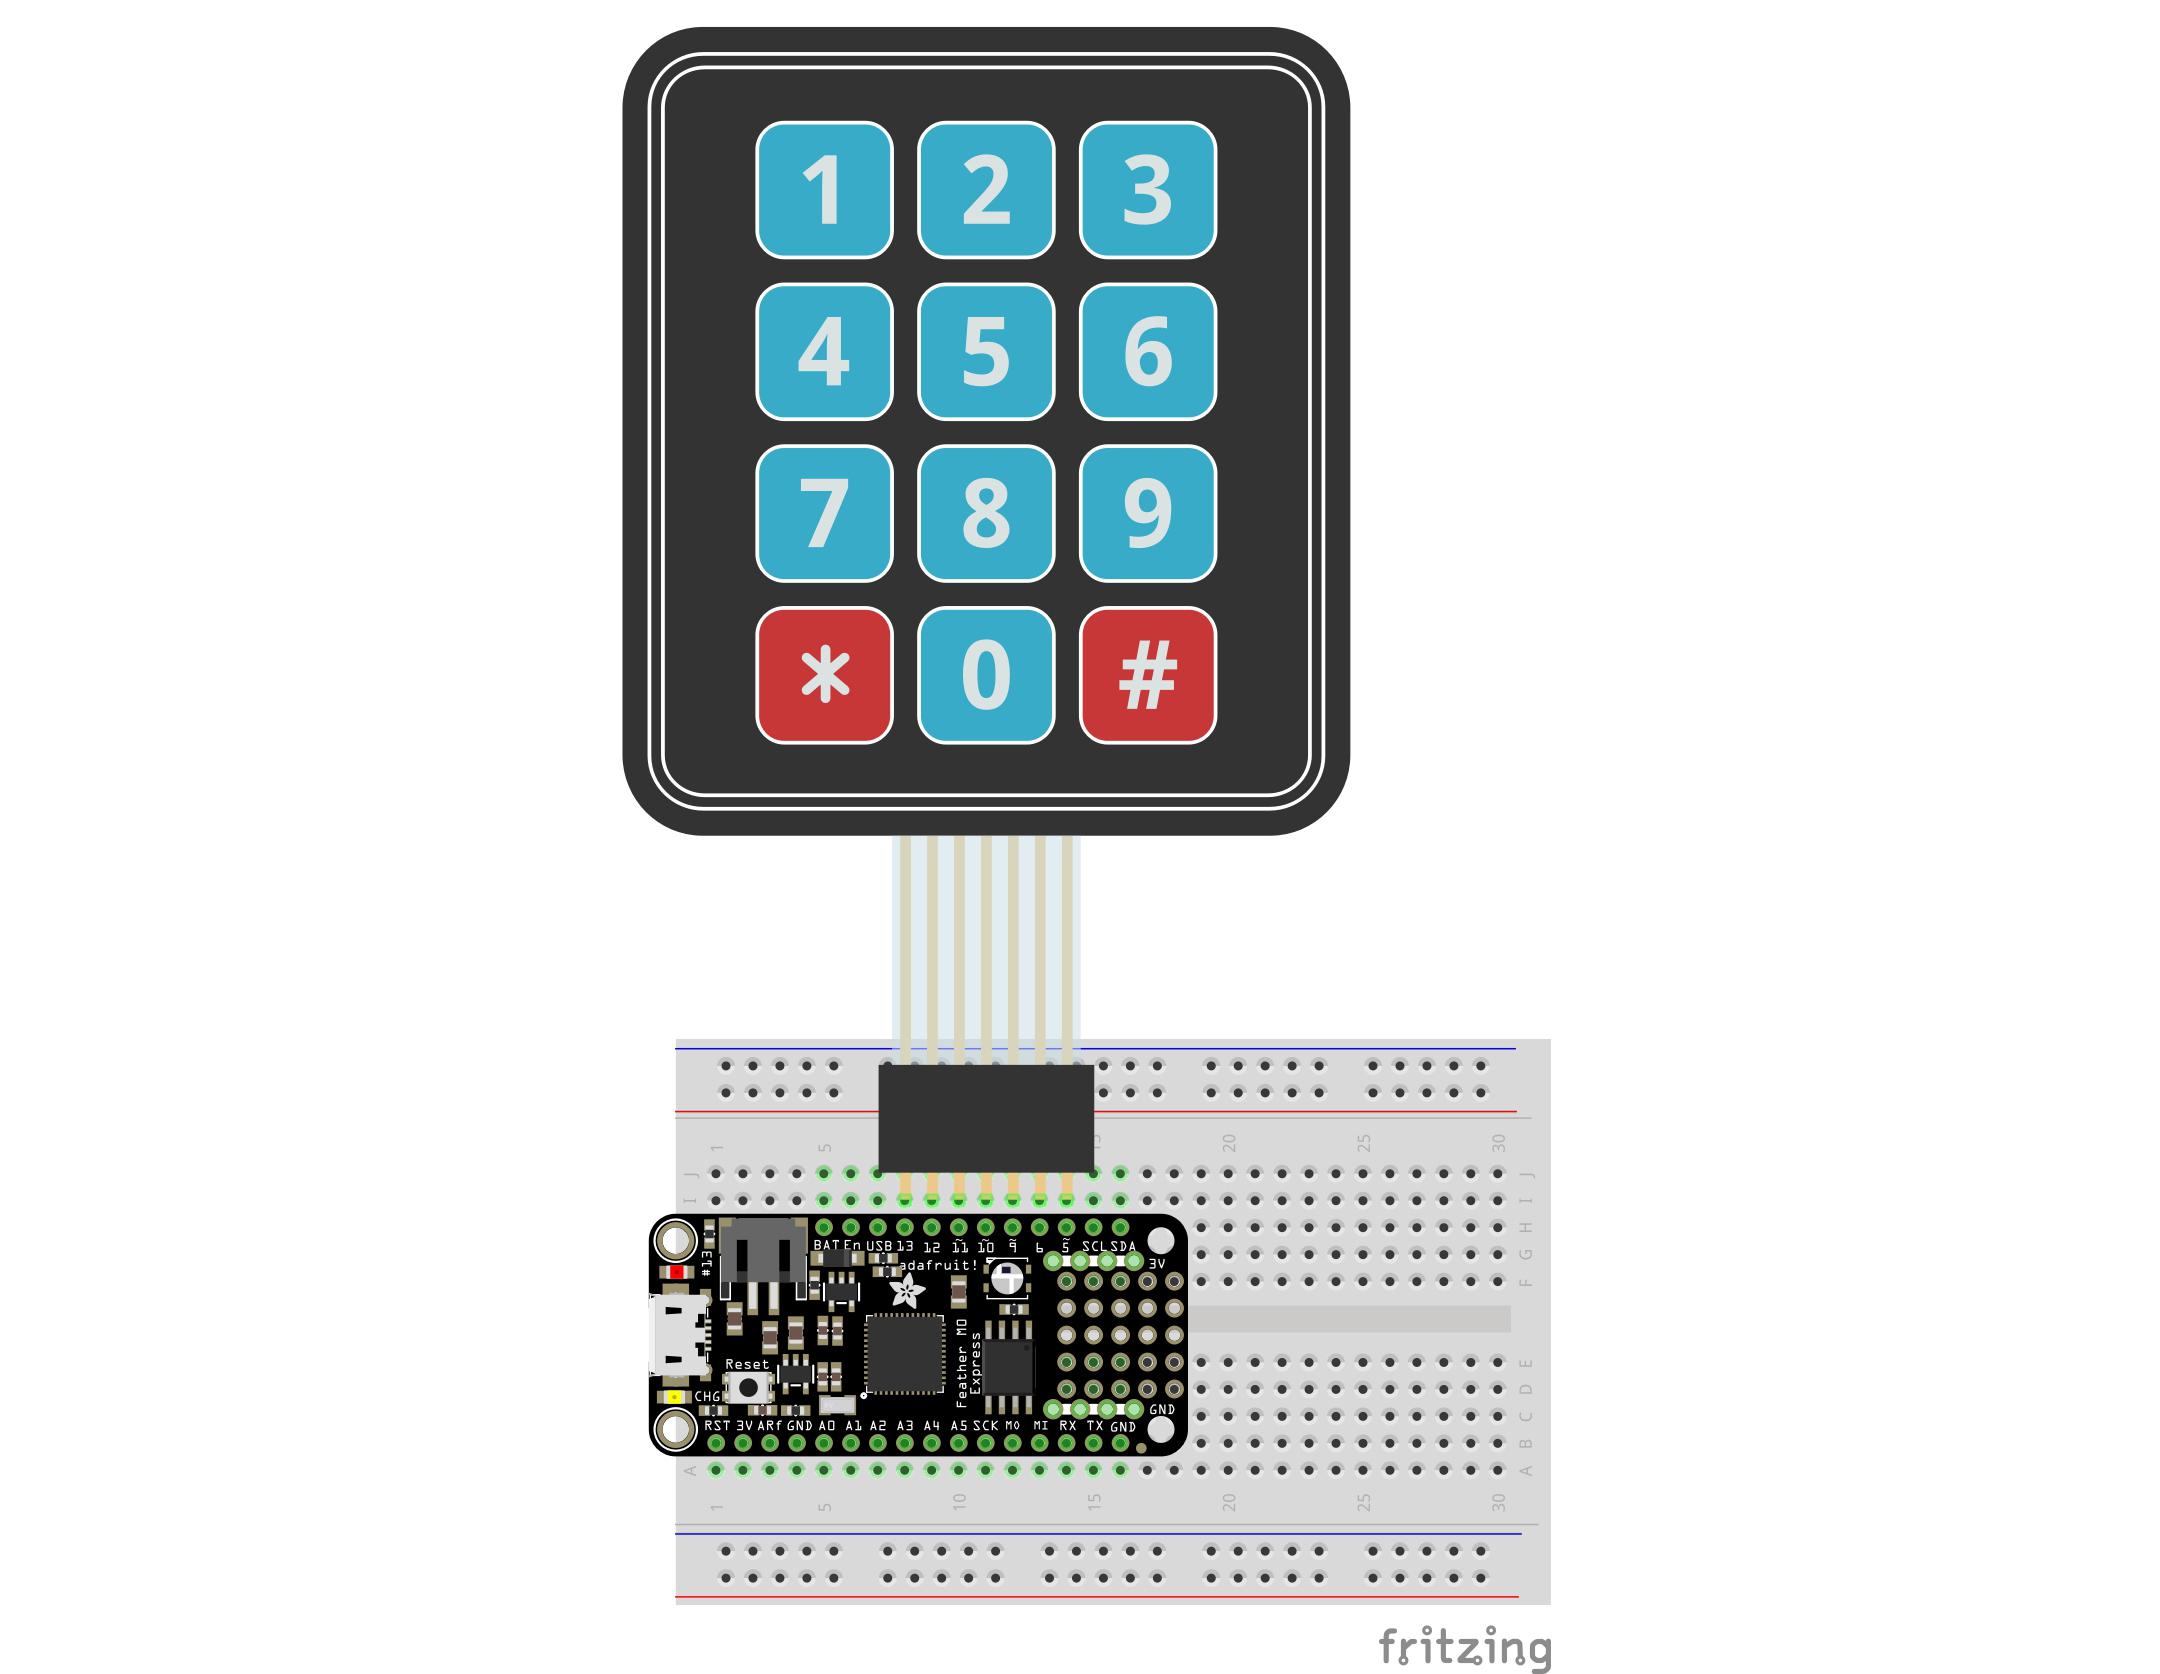 raspberry_pi_FeatherM0_Matrix_Keypad_2_bb.jpg